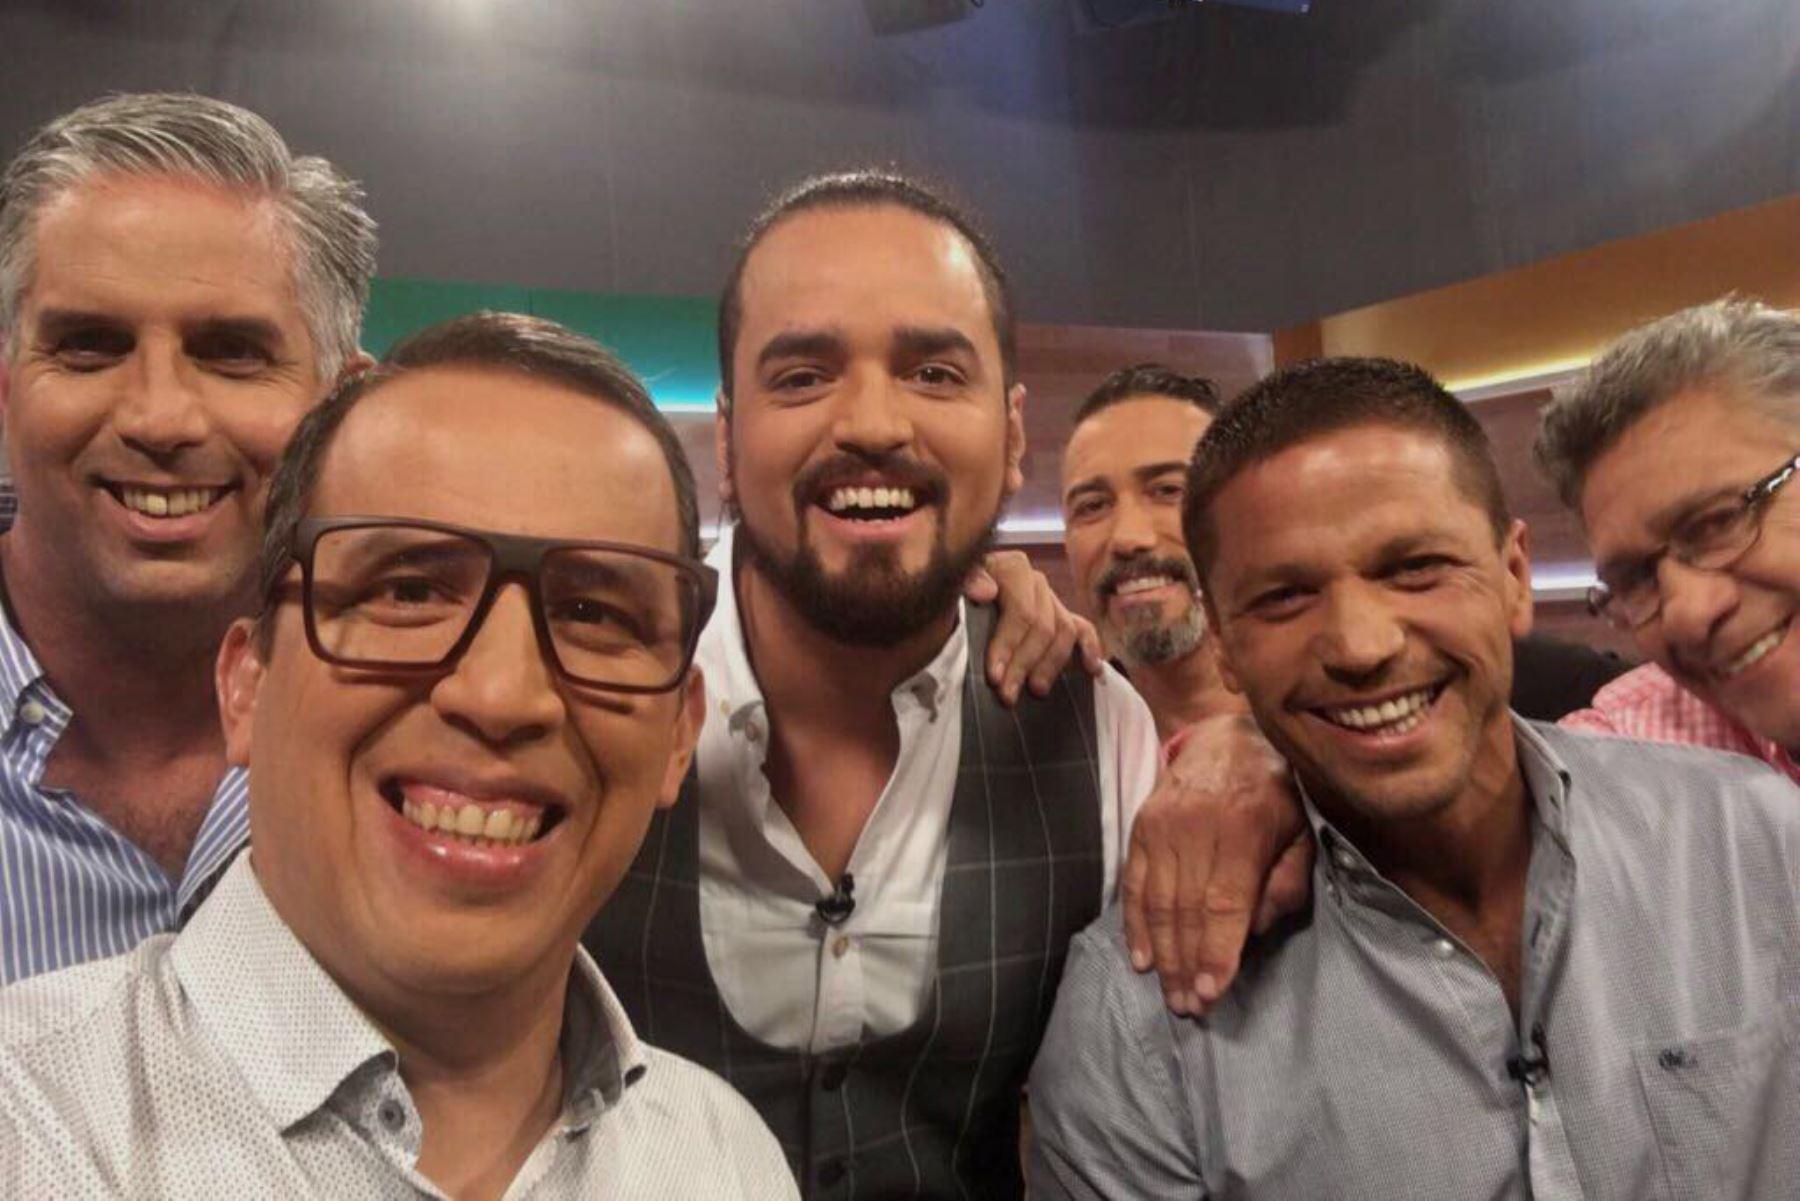 """""""Gol, gol, gol, gol, gol, goool, peruano"""", celebraba con entusiasmo y optimismo Daniel Peredo las anotaciones de la selección nacional."""